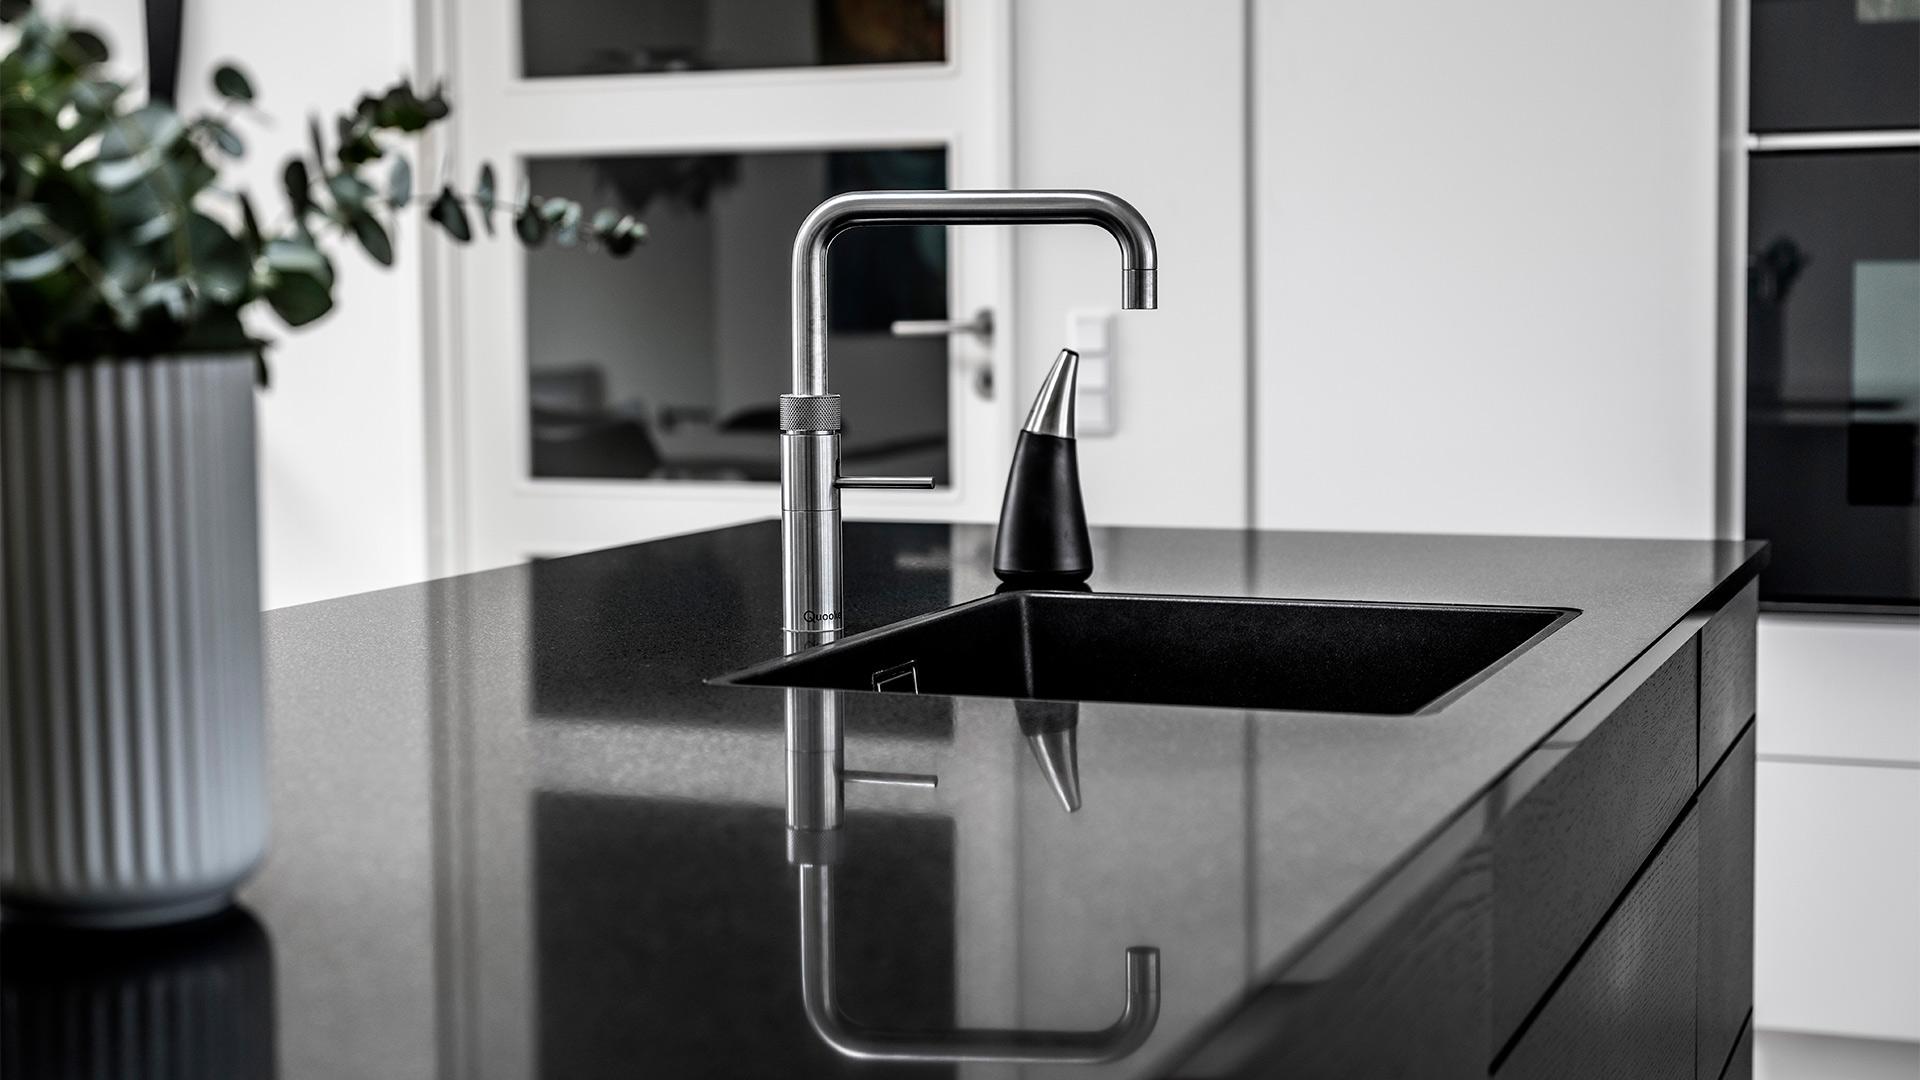 Vaske | Vælg indretning i dit køkken og bad | Svane Køkkenet